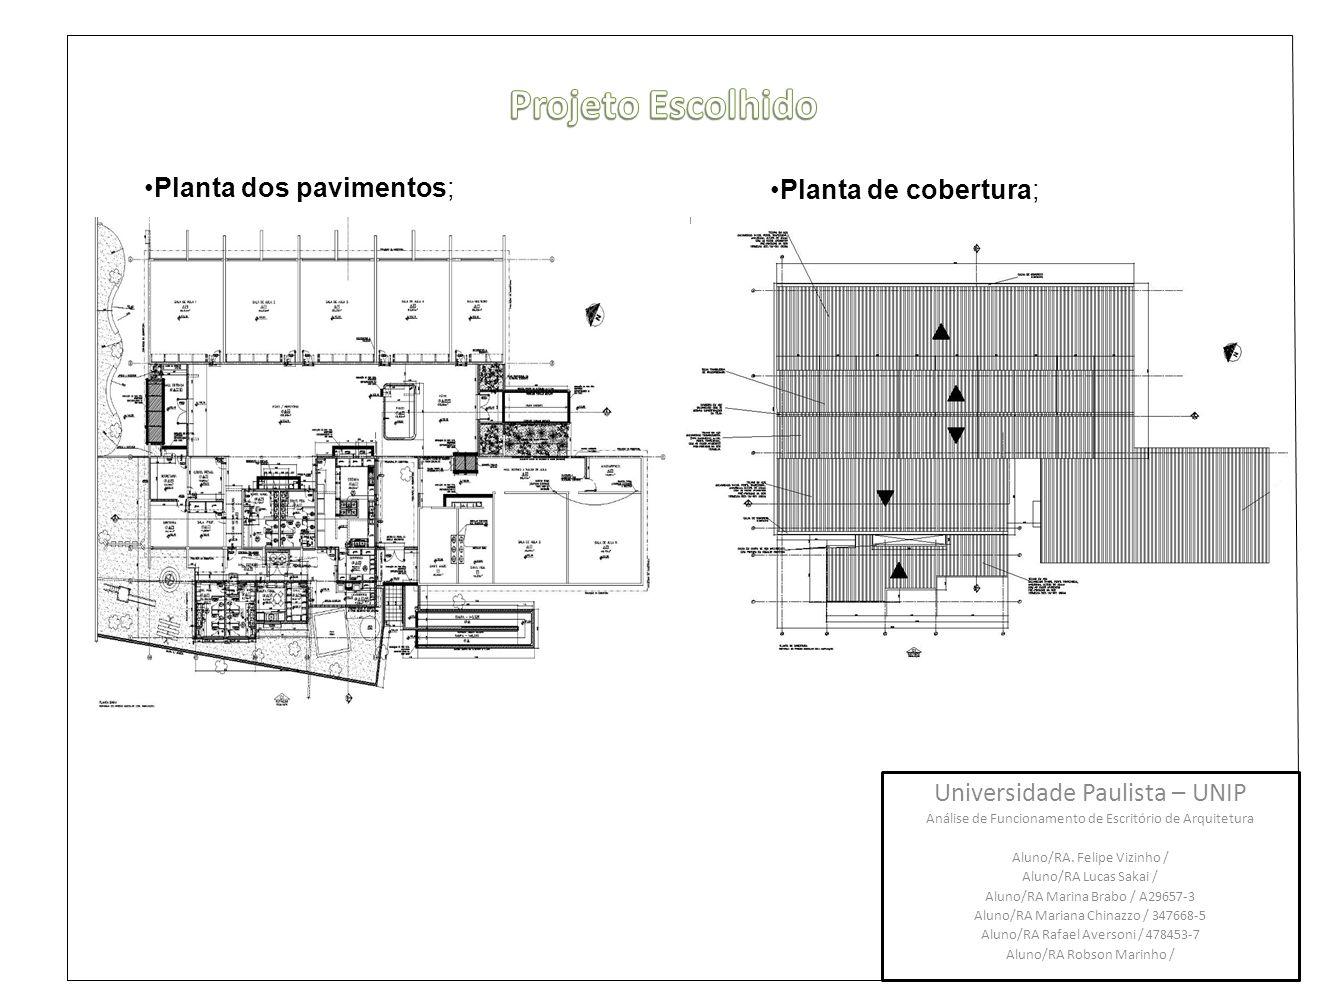 Universidade Paulista – UNIP Análise de Funcionamento de Escritório de Arquitetura Aluno/RA. Felipe Vizinho / Aluno/RA Lucas Sakai / Aluno/RA Marina B